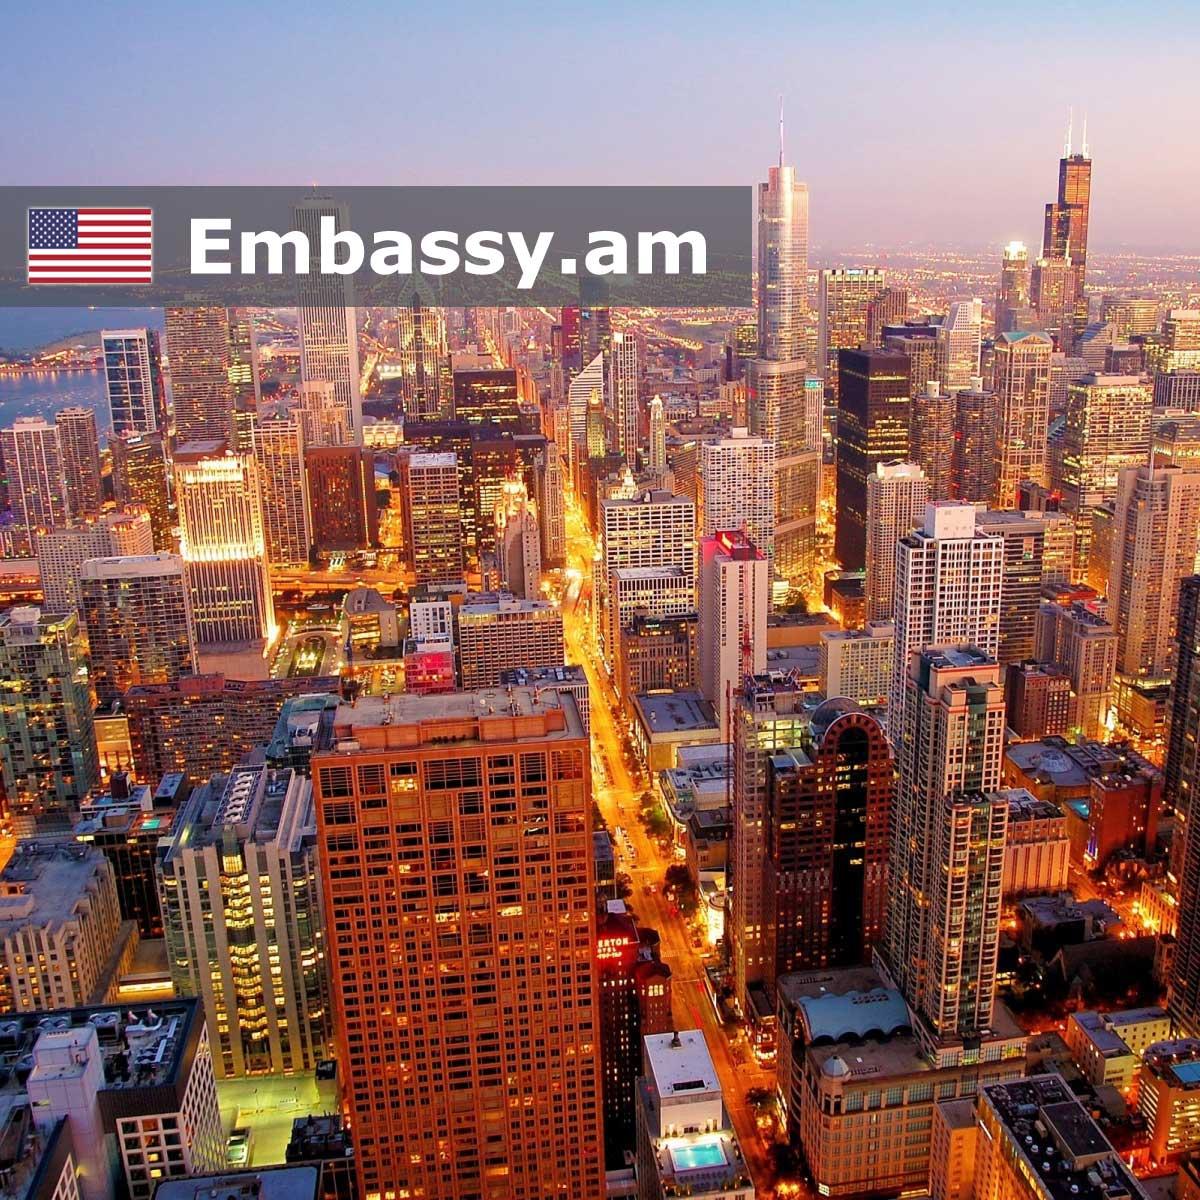 Чикаго - Отели в США - Embassy.am